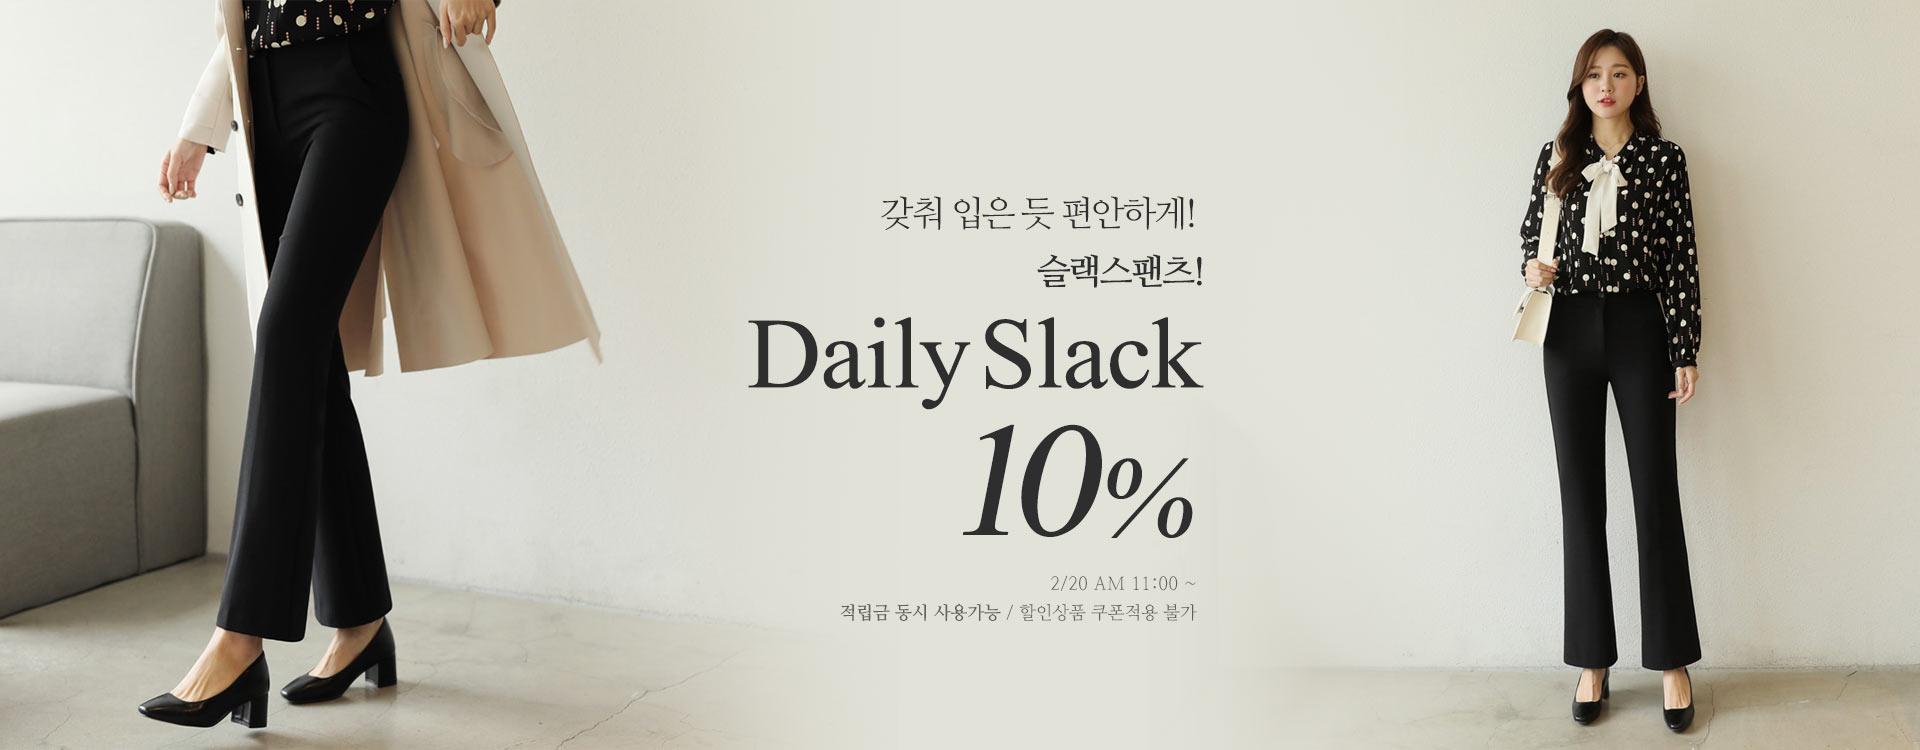 슬랙 10%